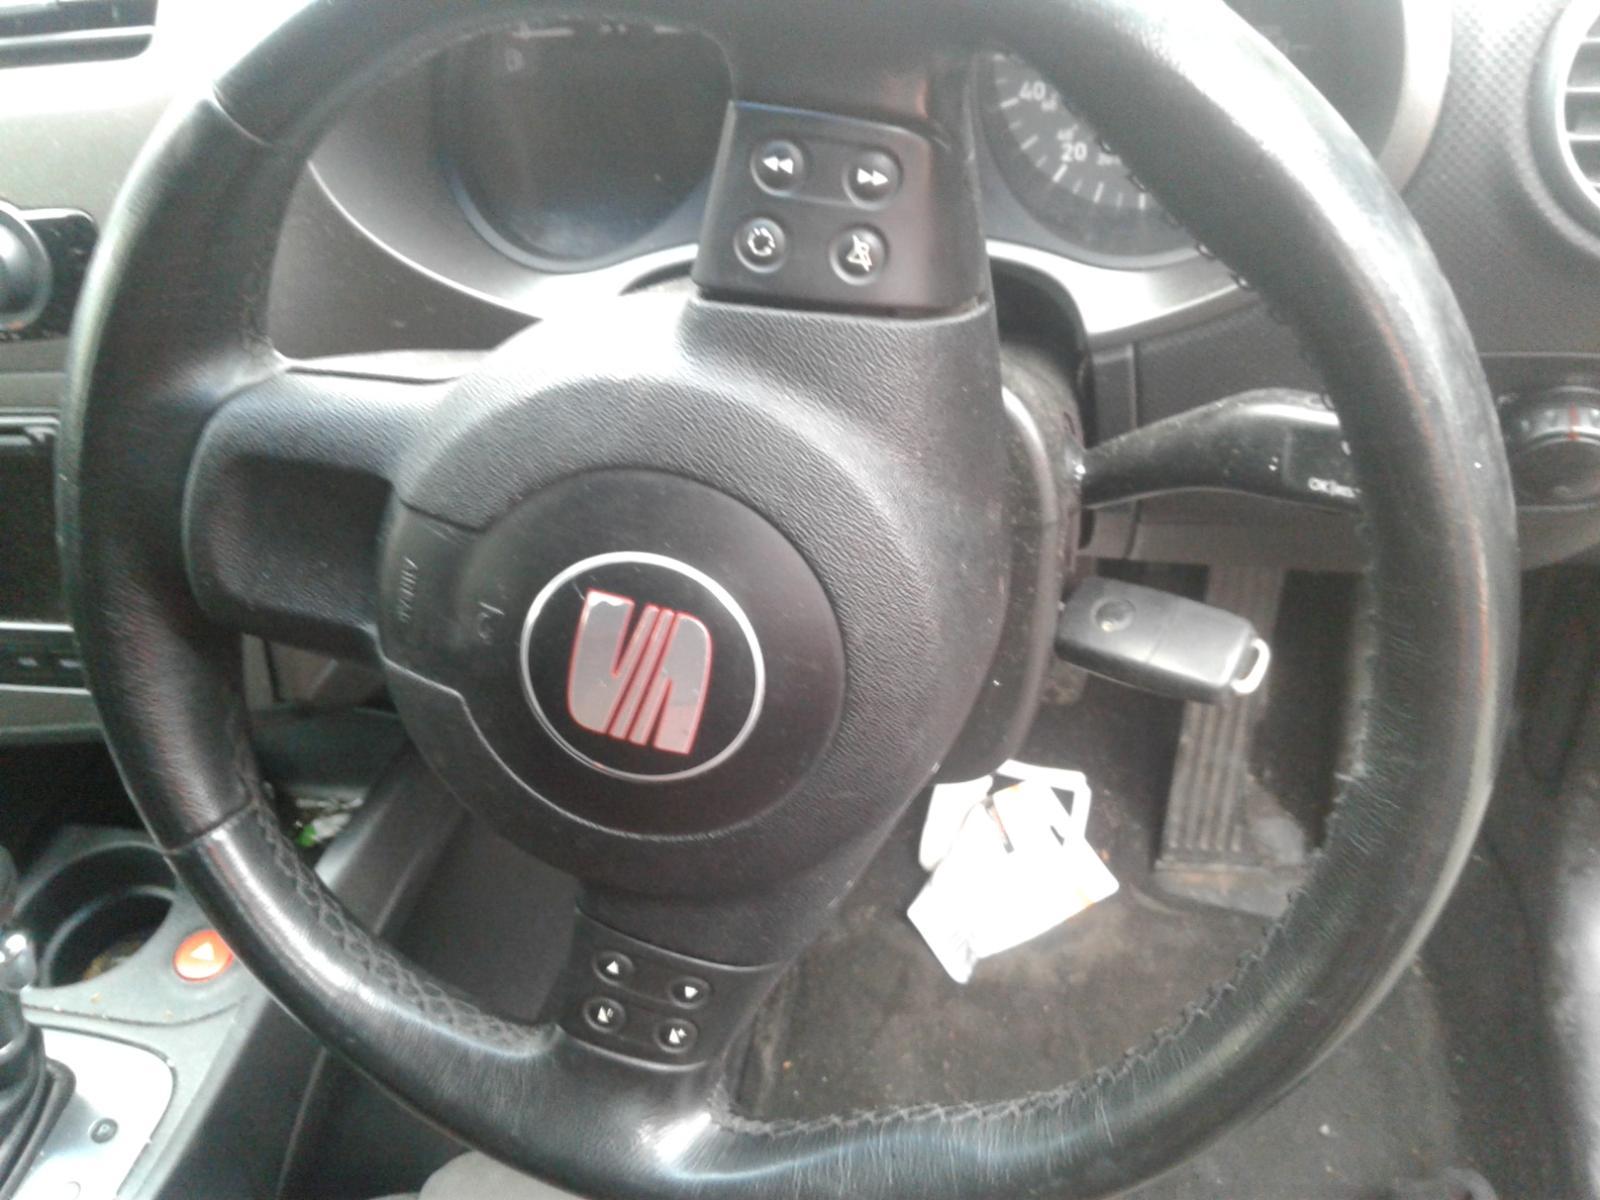 View Auto part SEAT LEON 2006 5 Door Hatchback